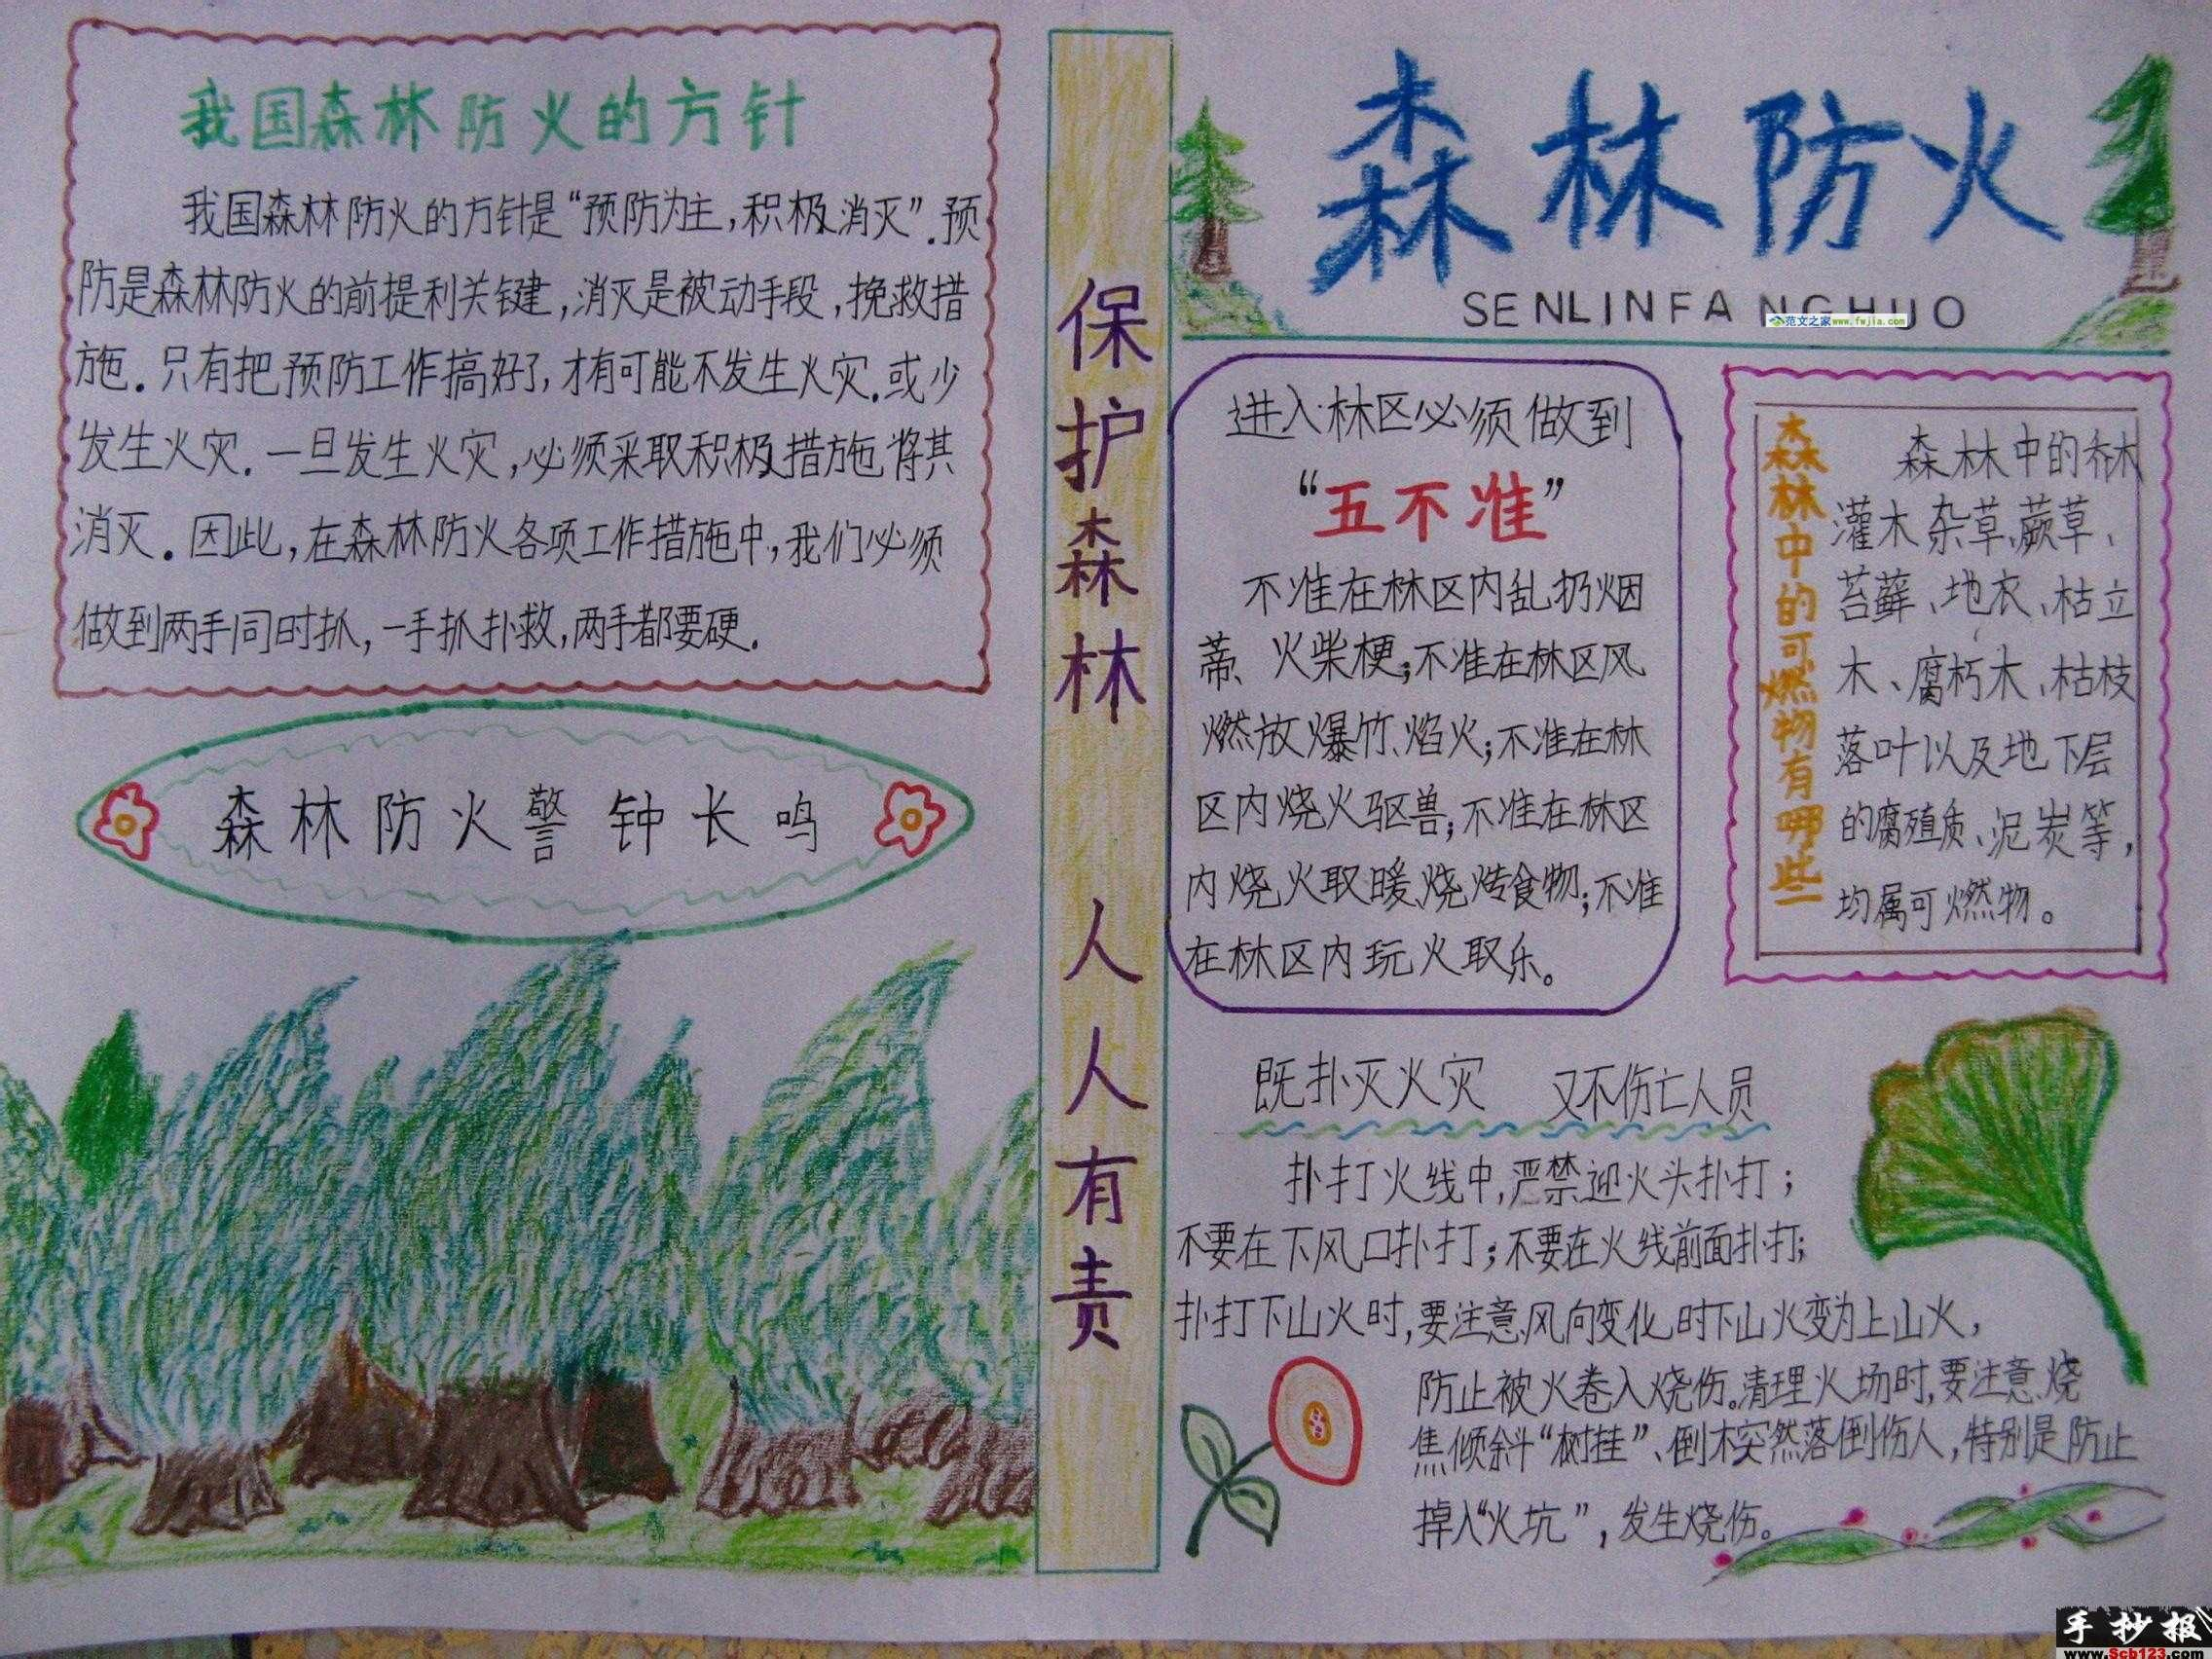 安全知识手抄报 森林防火高清图片